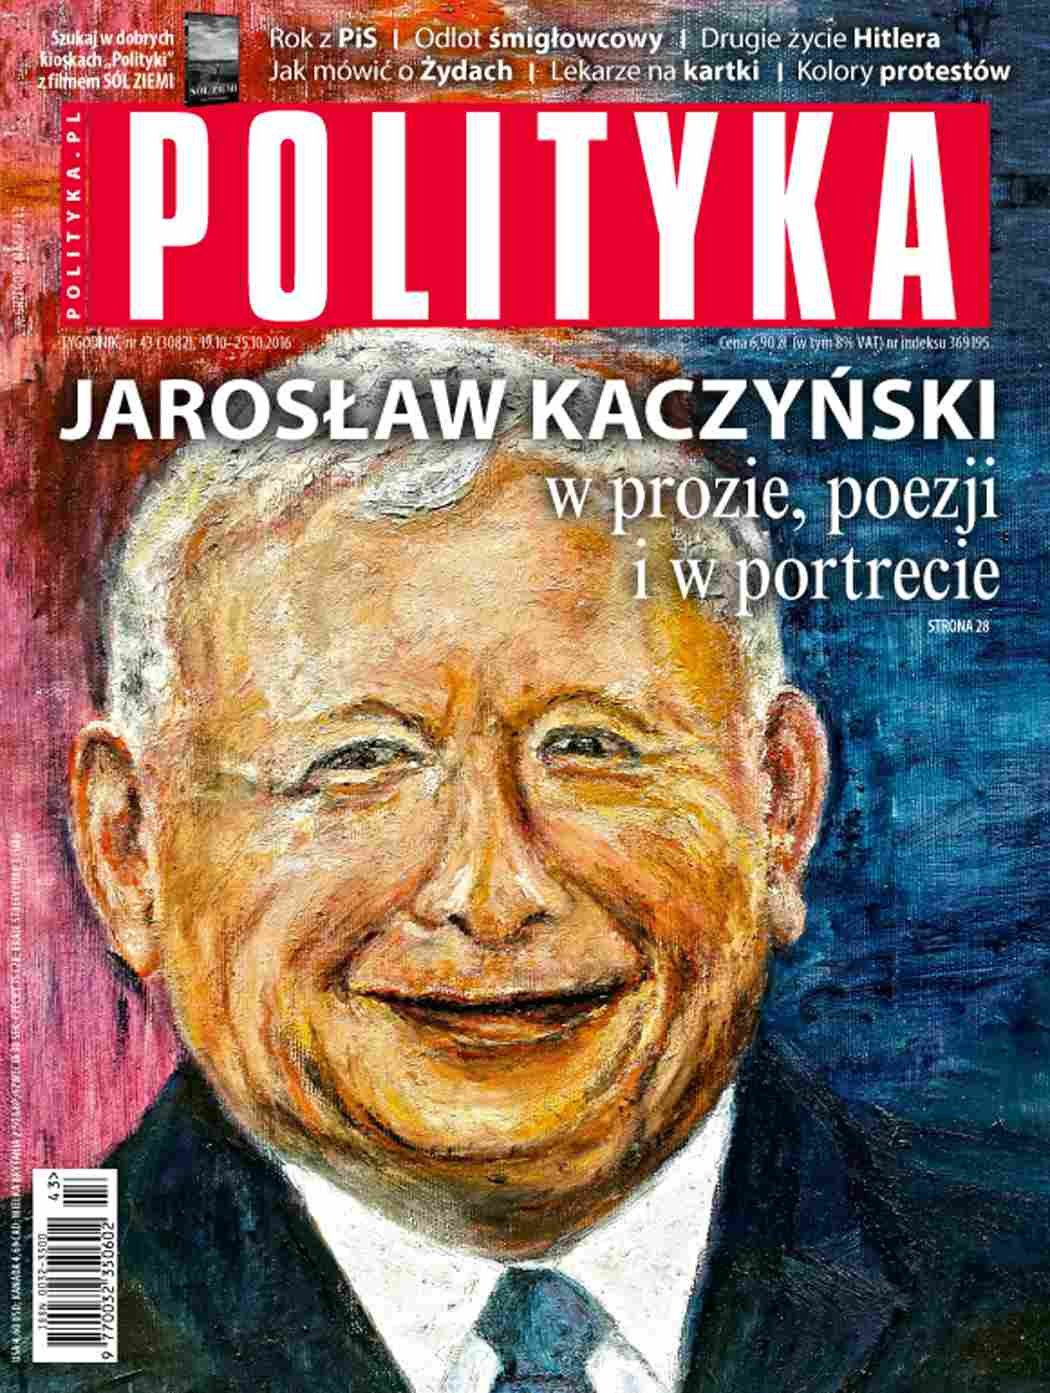 Polityka nr 43/2016 - Ebook (Książka PDF) do pobrania w formacie PDF